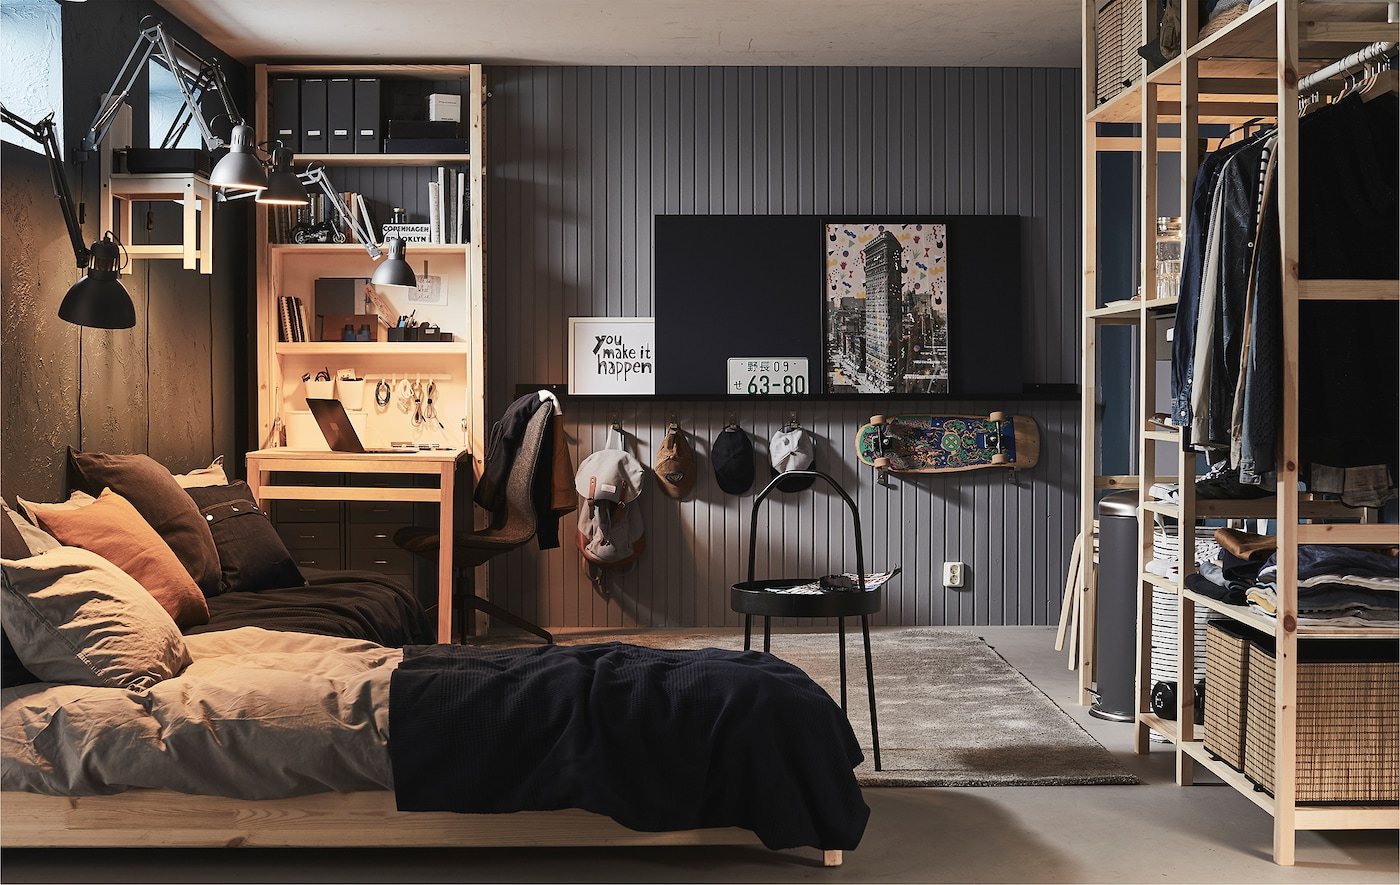 지하나 차고처럼 높은 창문이 있는 방을 침대와 책상, 다양한 선반유닛으로 꾸몄어요.